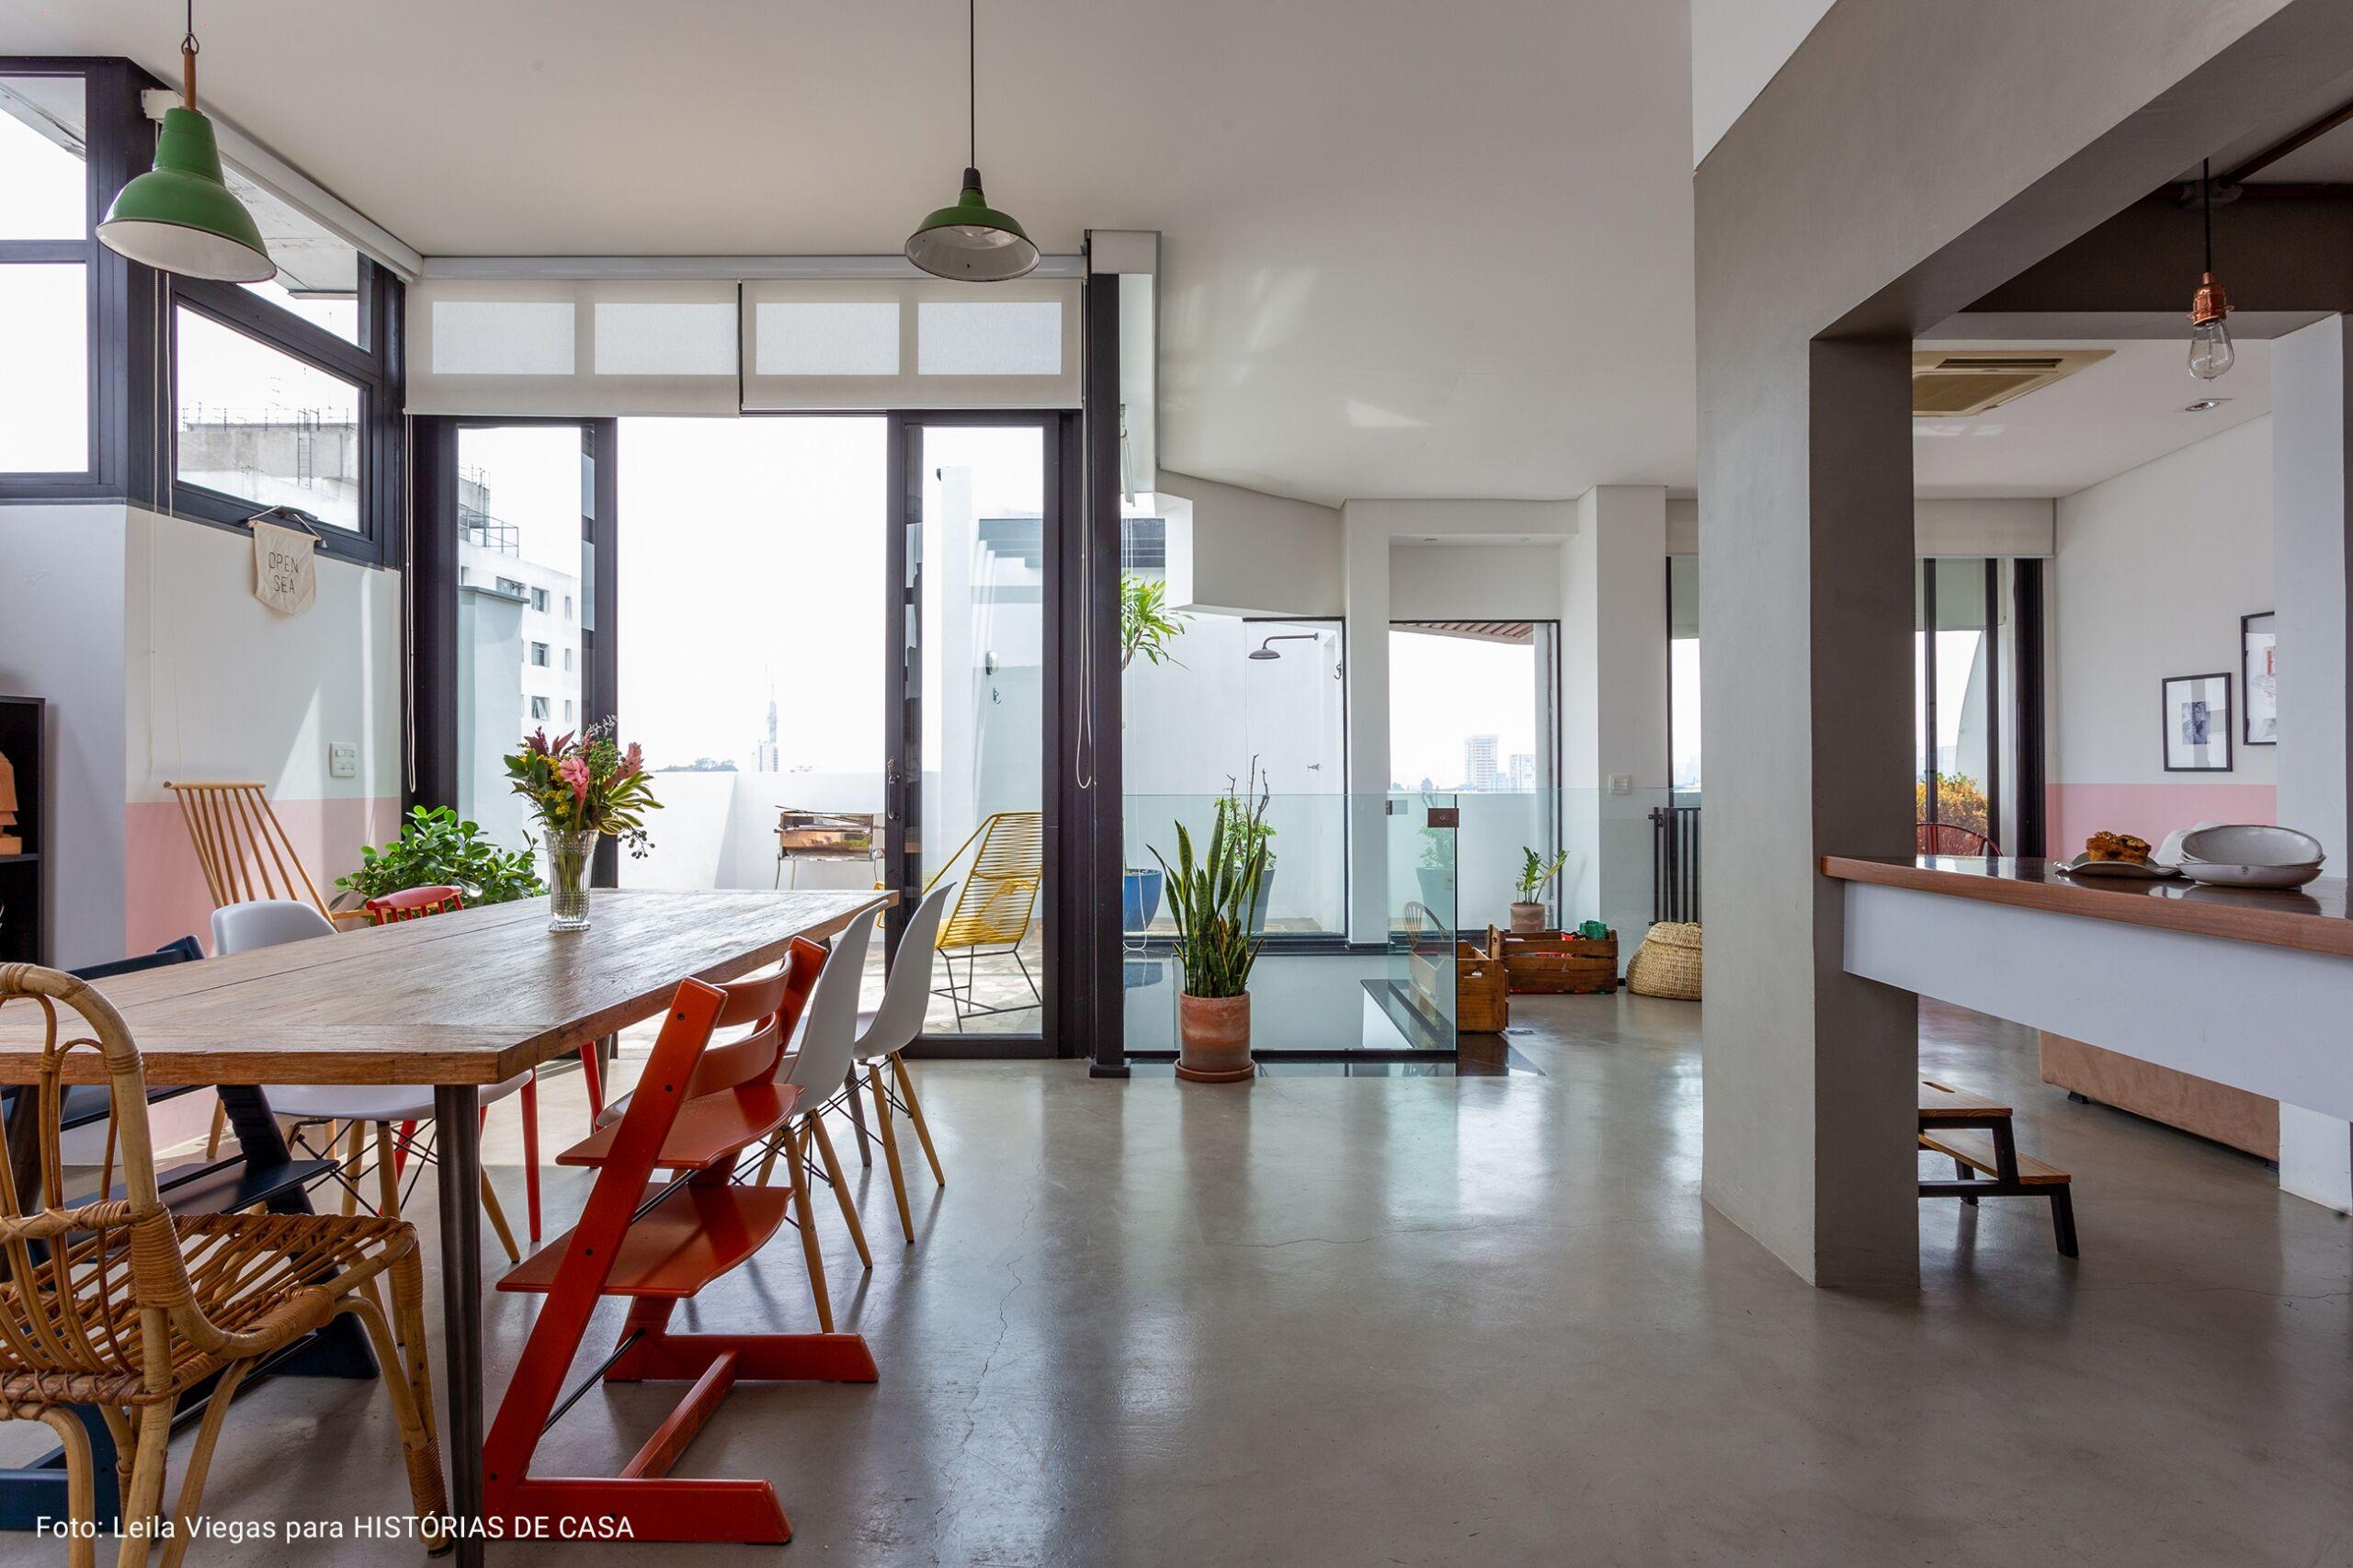 sala ampla integrada com a cozinha